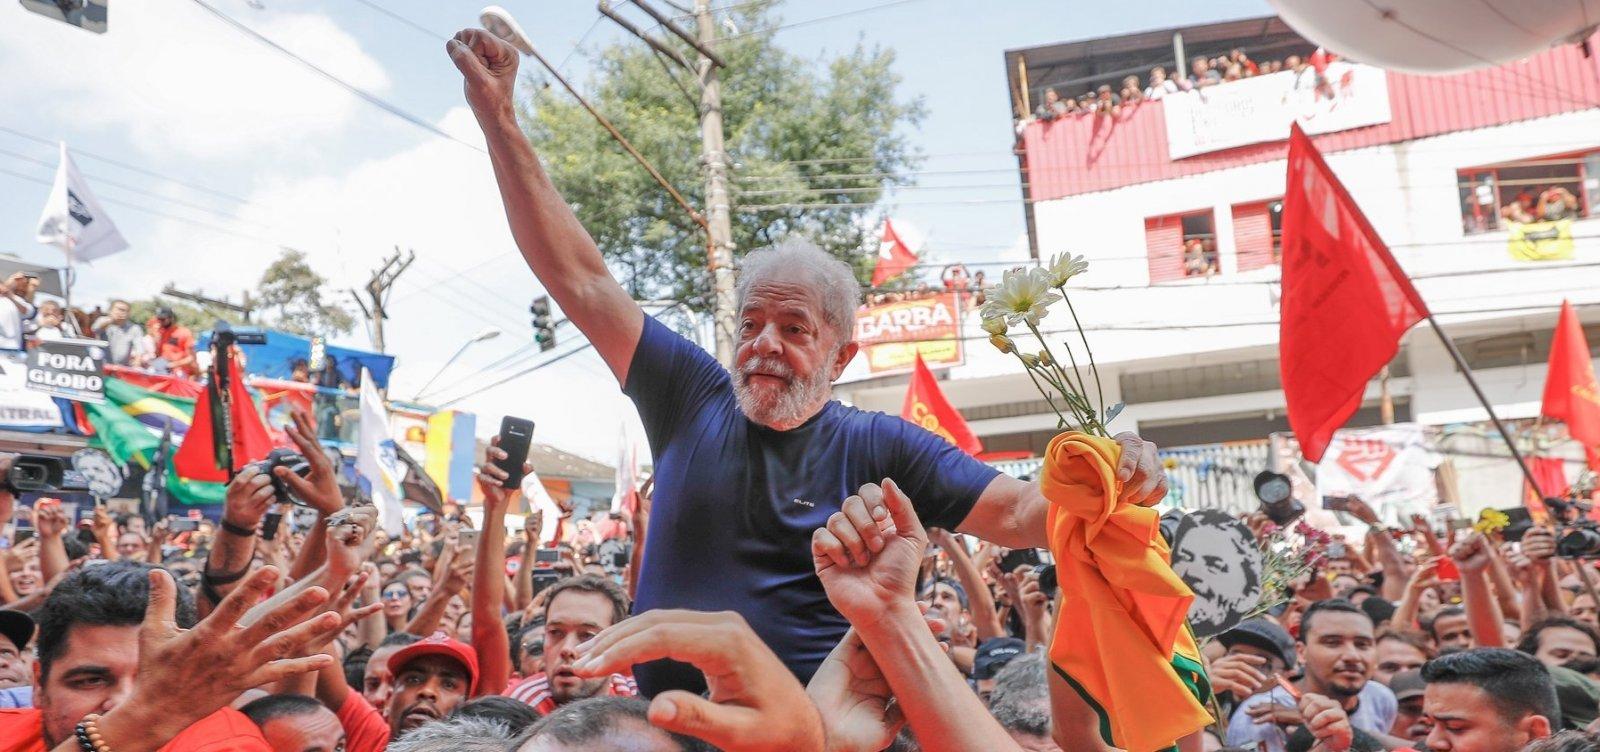 [Juiz determina saída de Lula da prisão após decisão do STF]